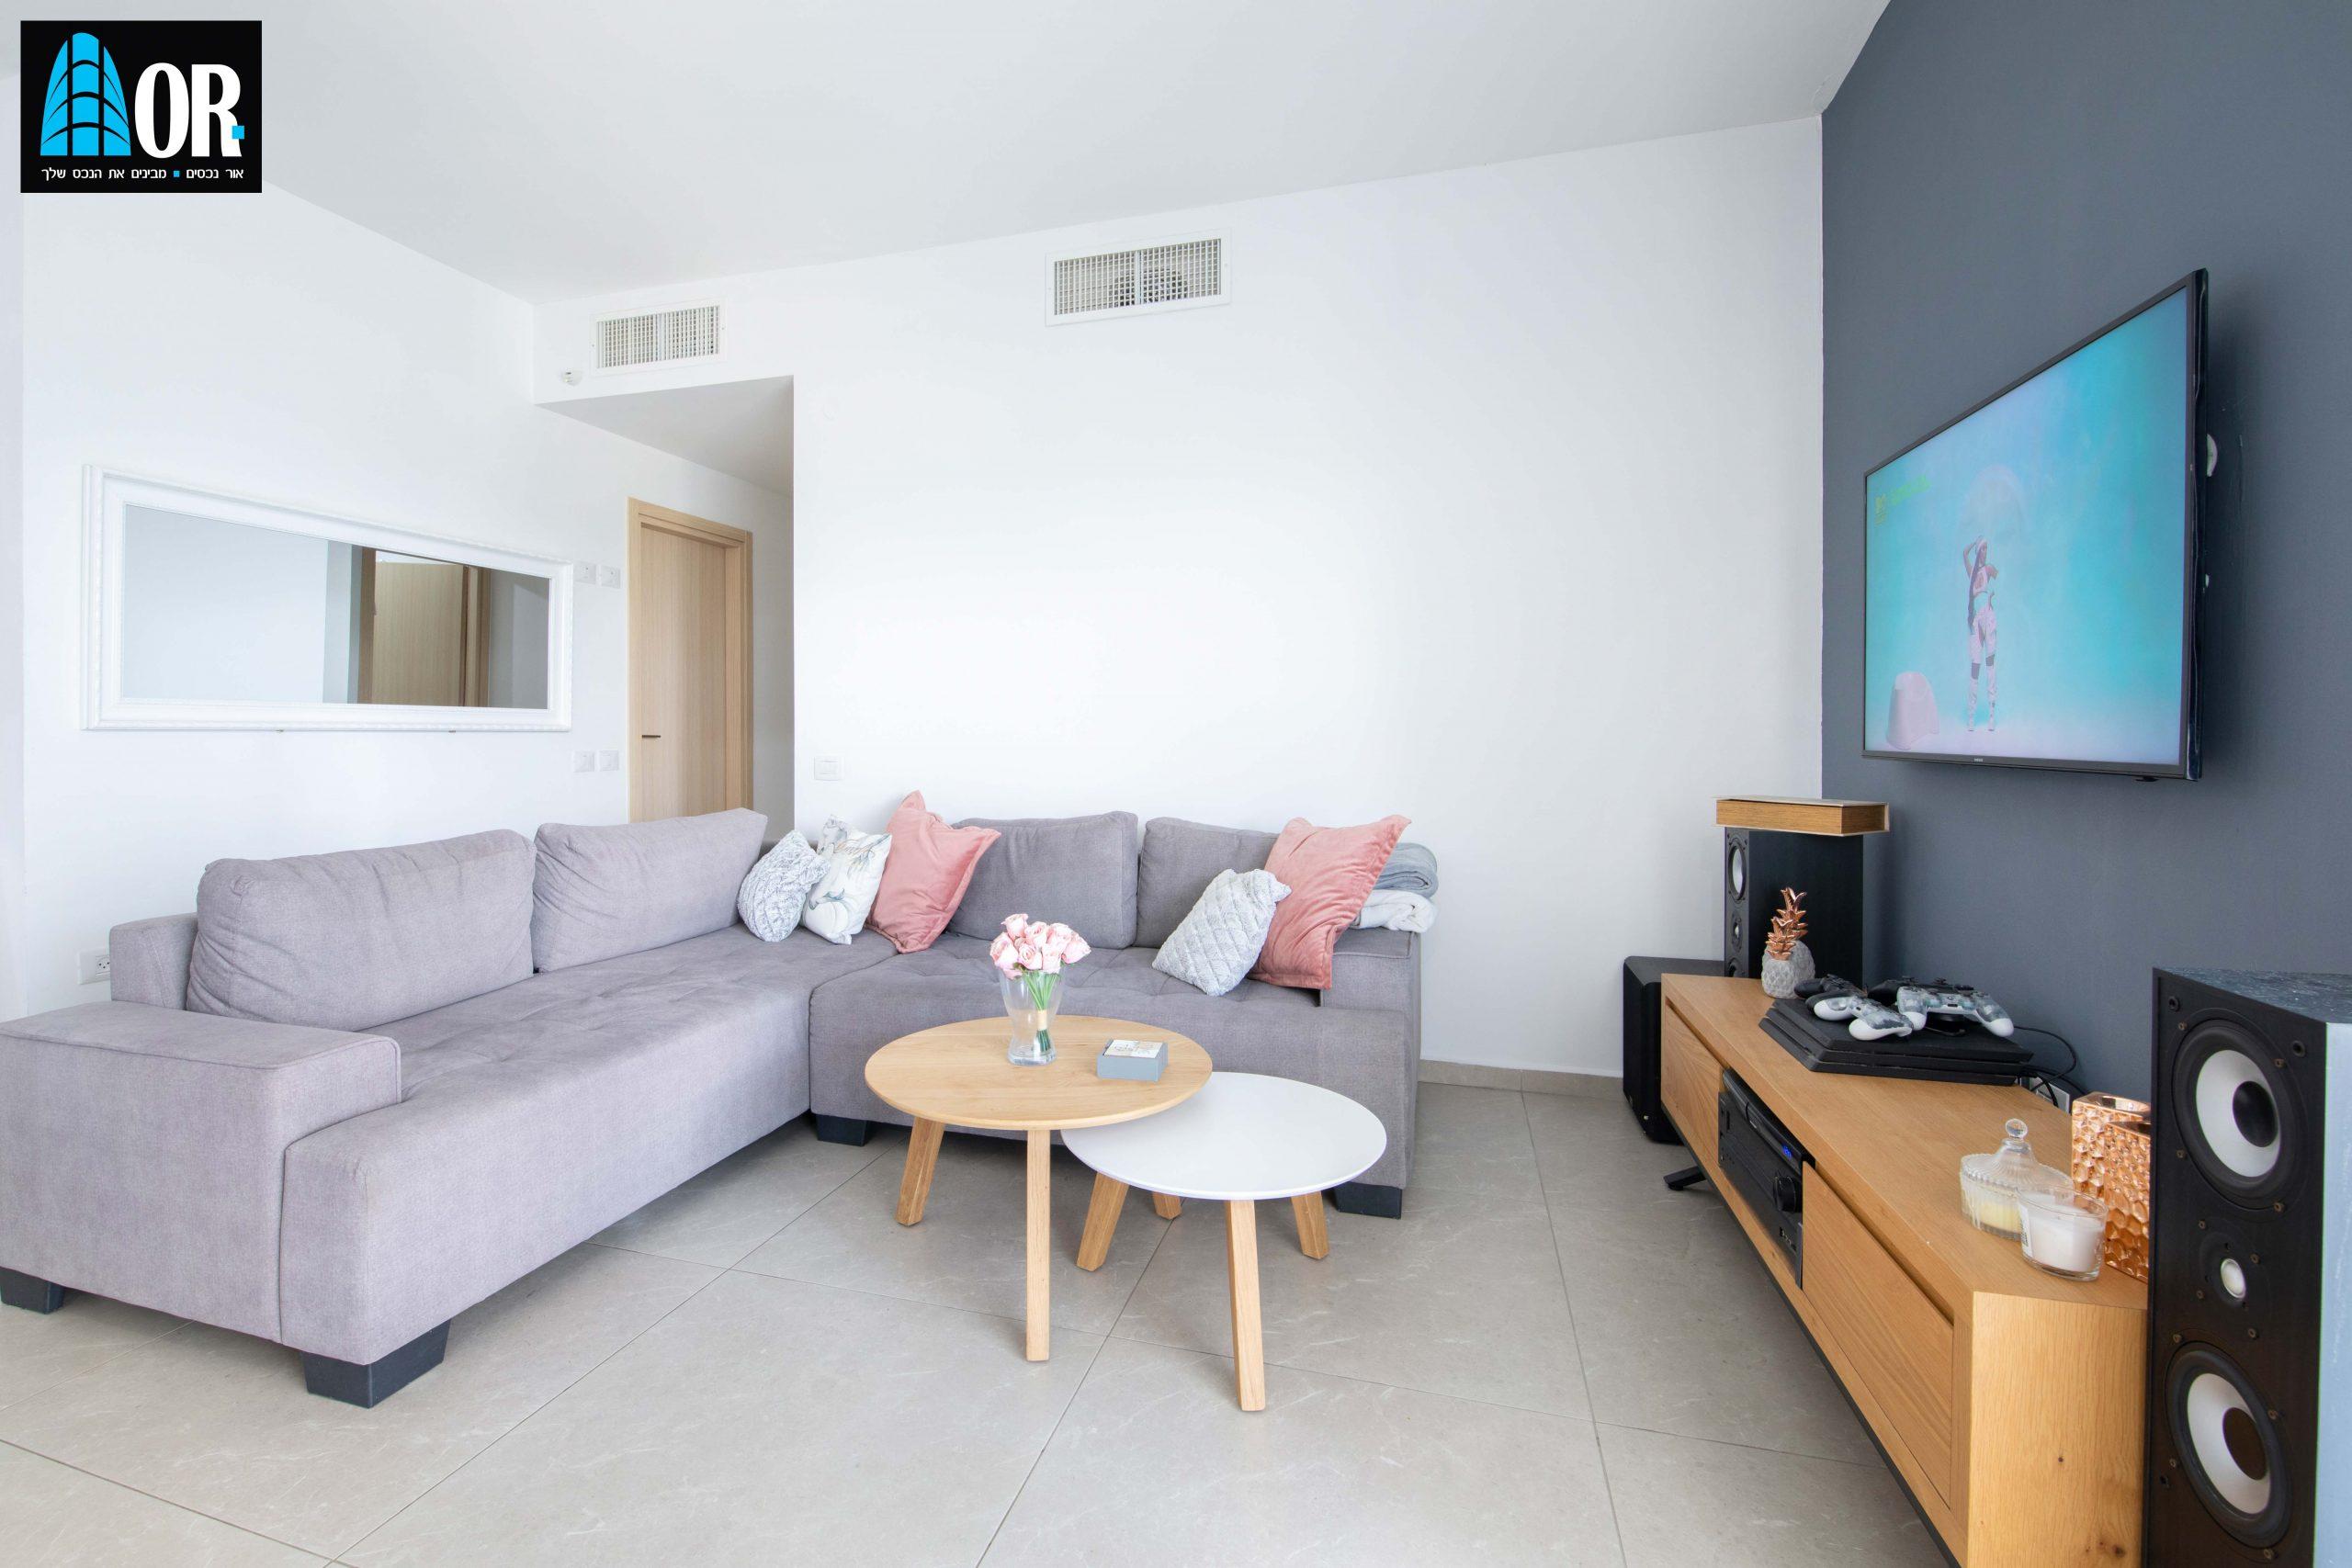 סלון דירה 4 חדרים בשכונה צמרות